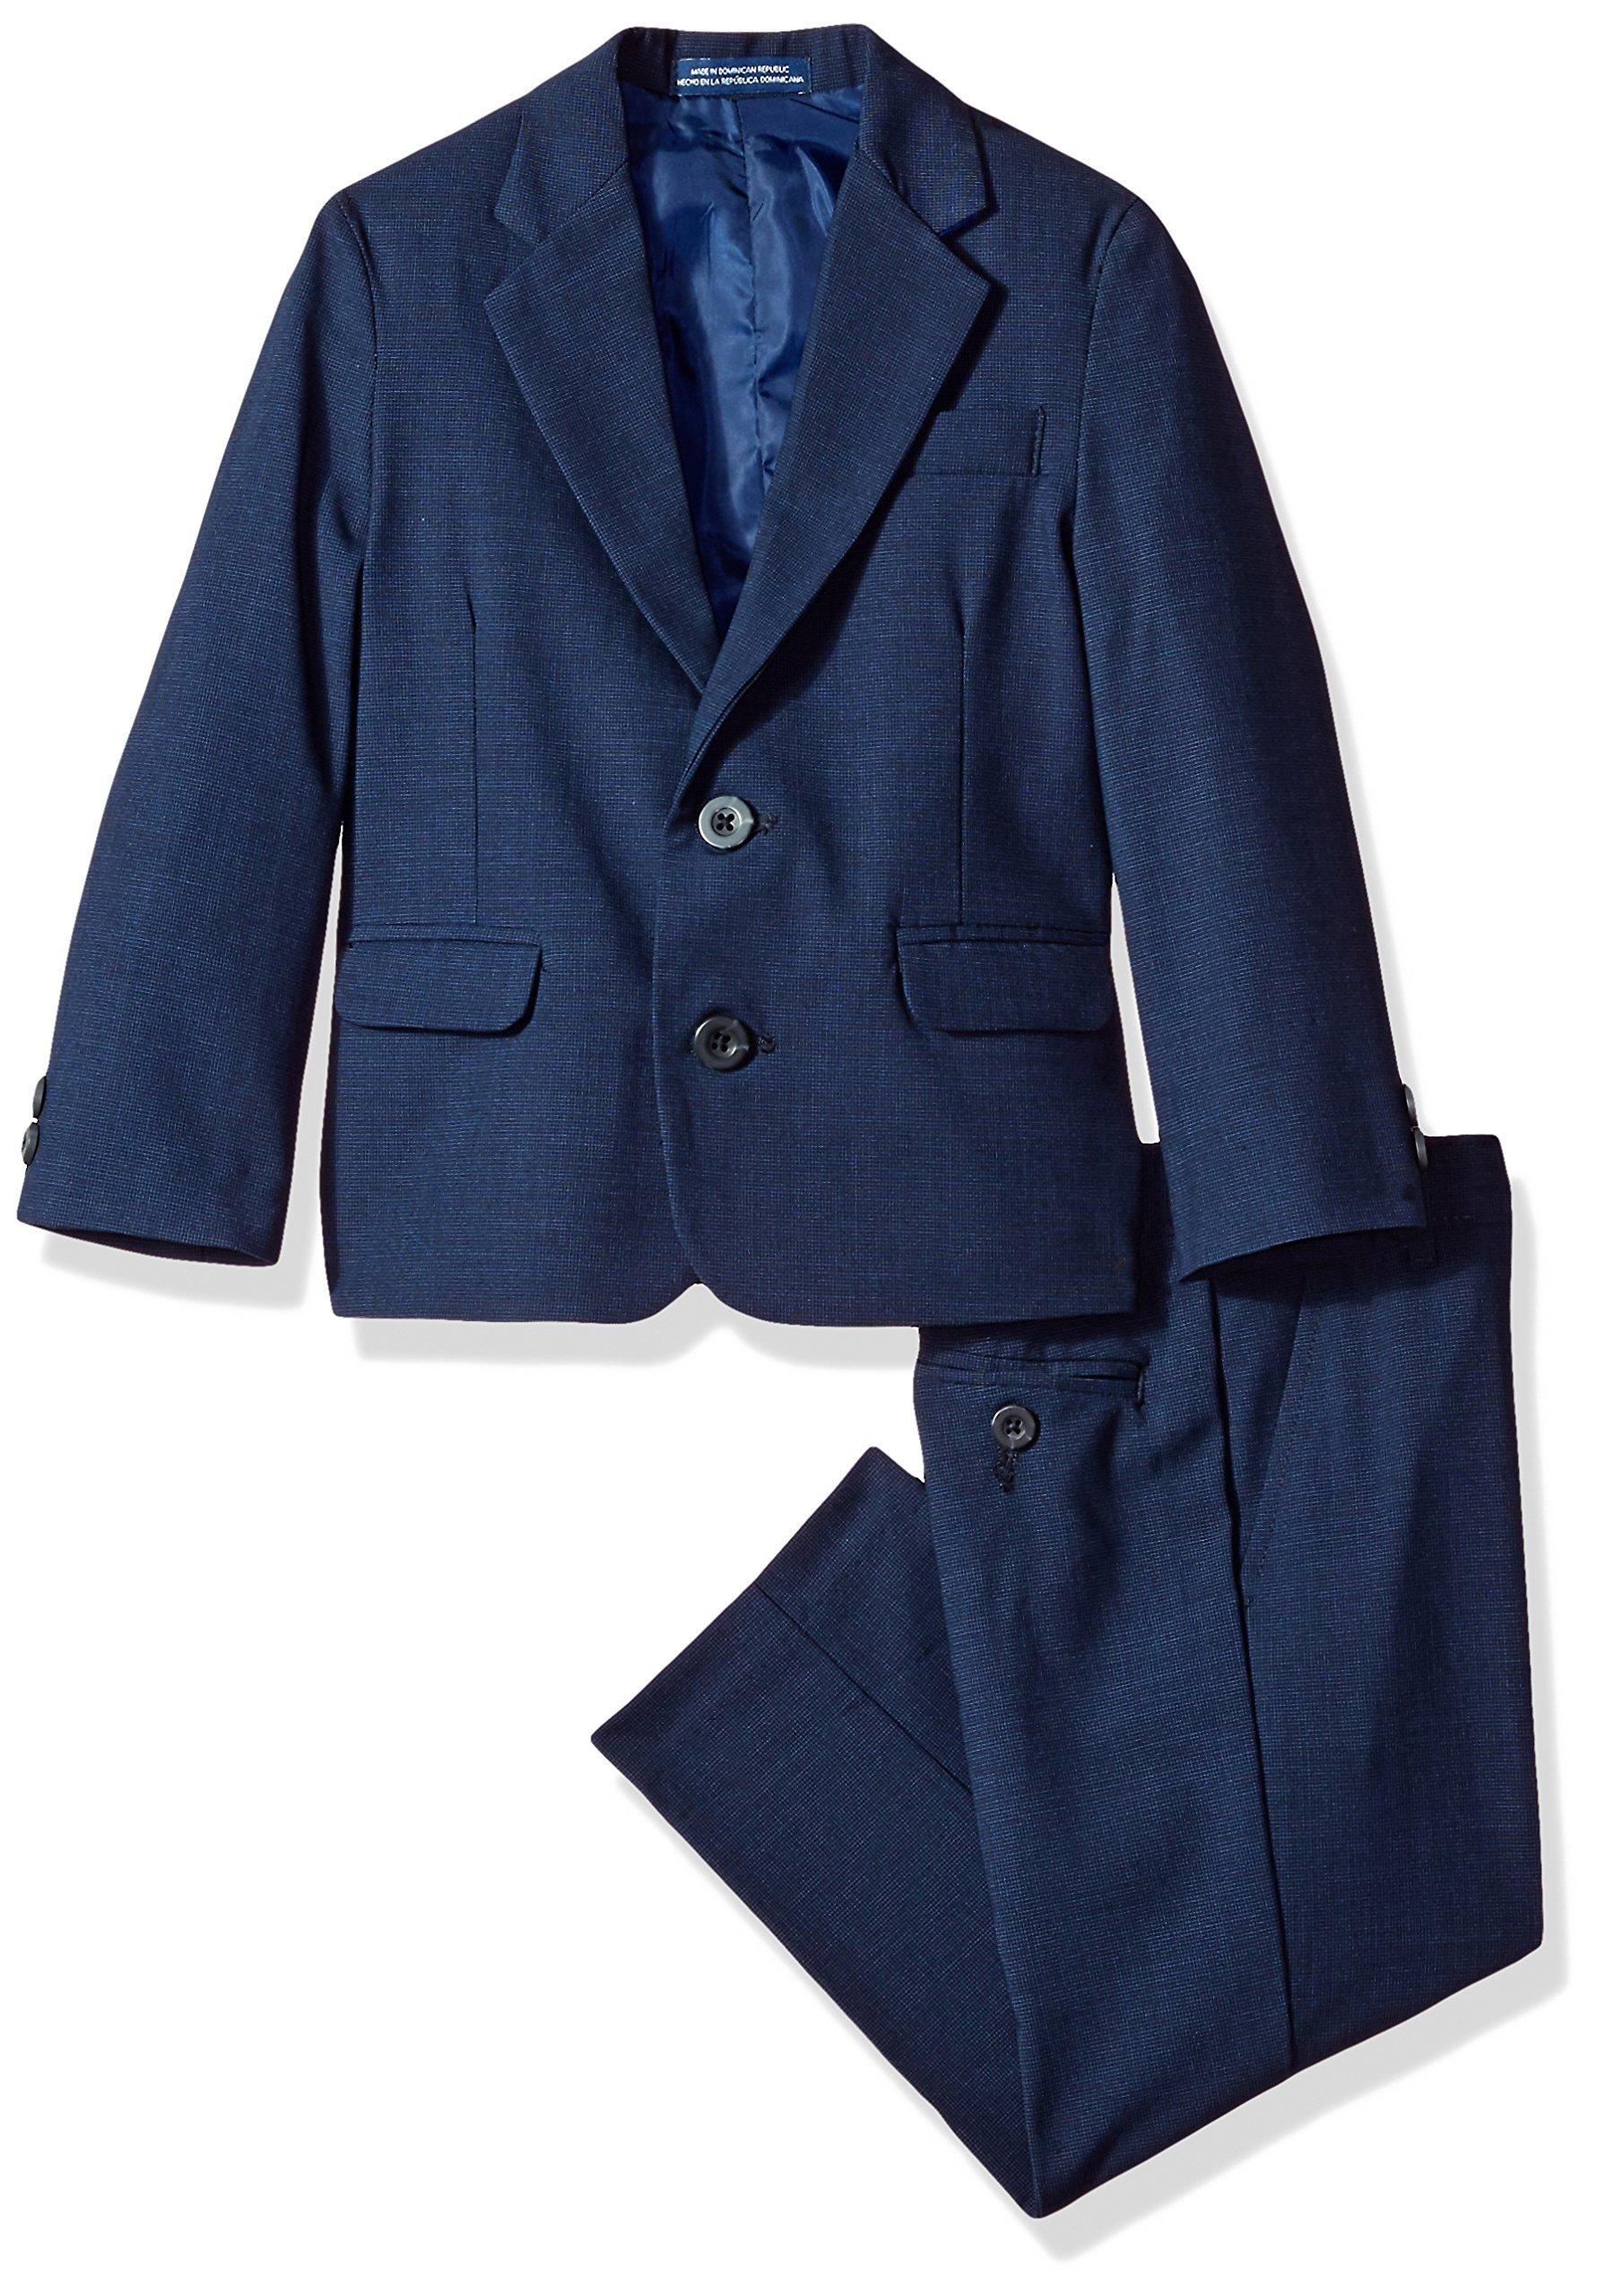 IZOD Big Boys' Two Piece Bi-Stretch Suit, Dark Blue, 14 by IZOD